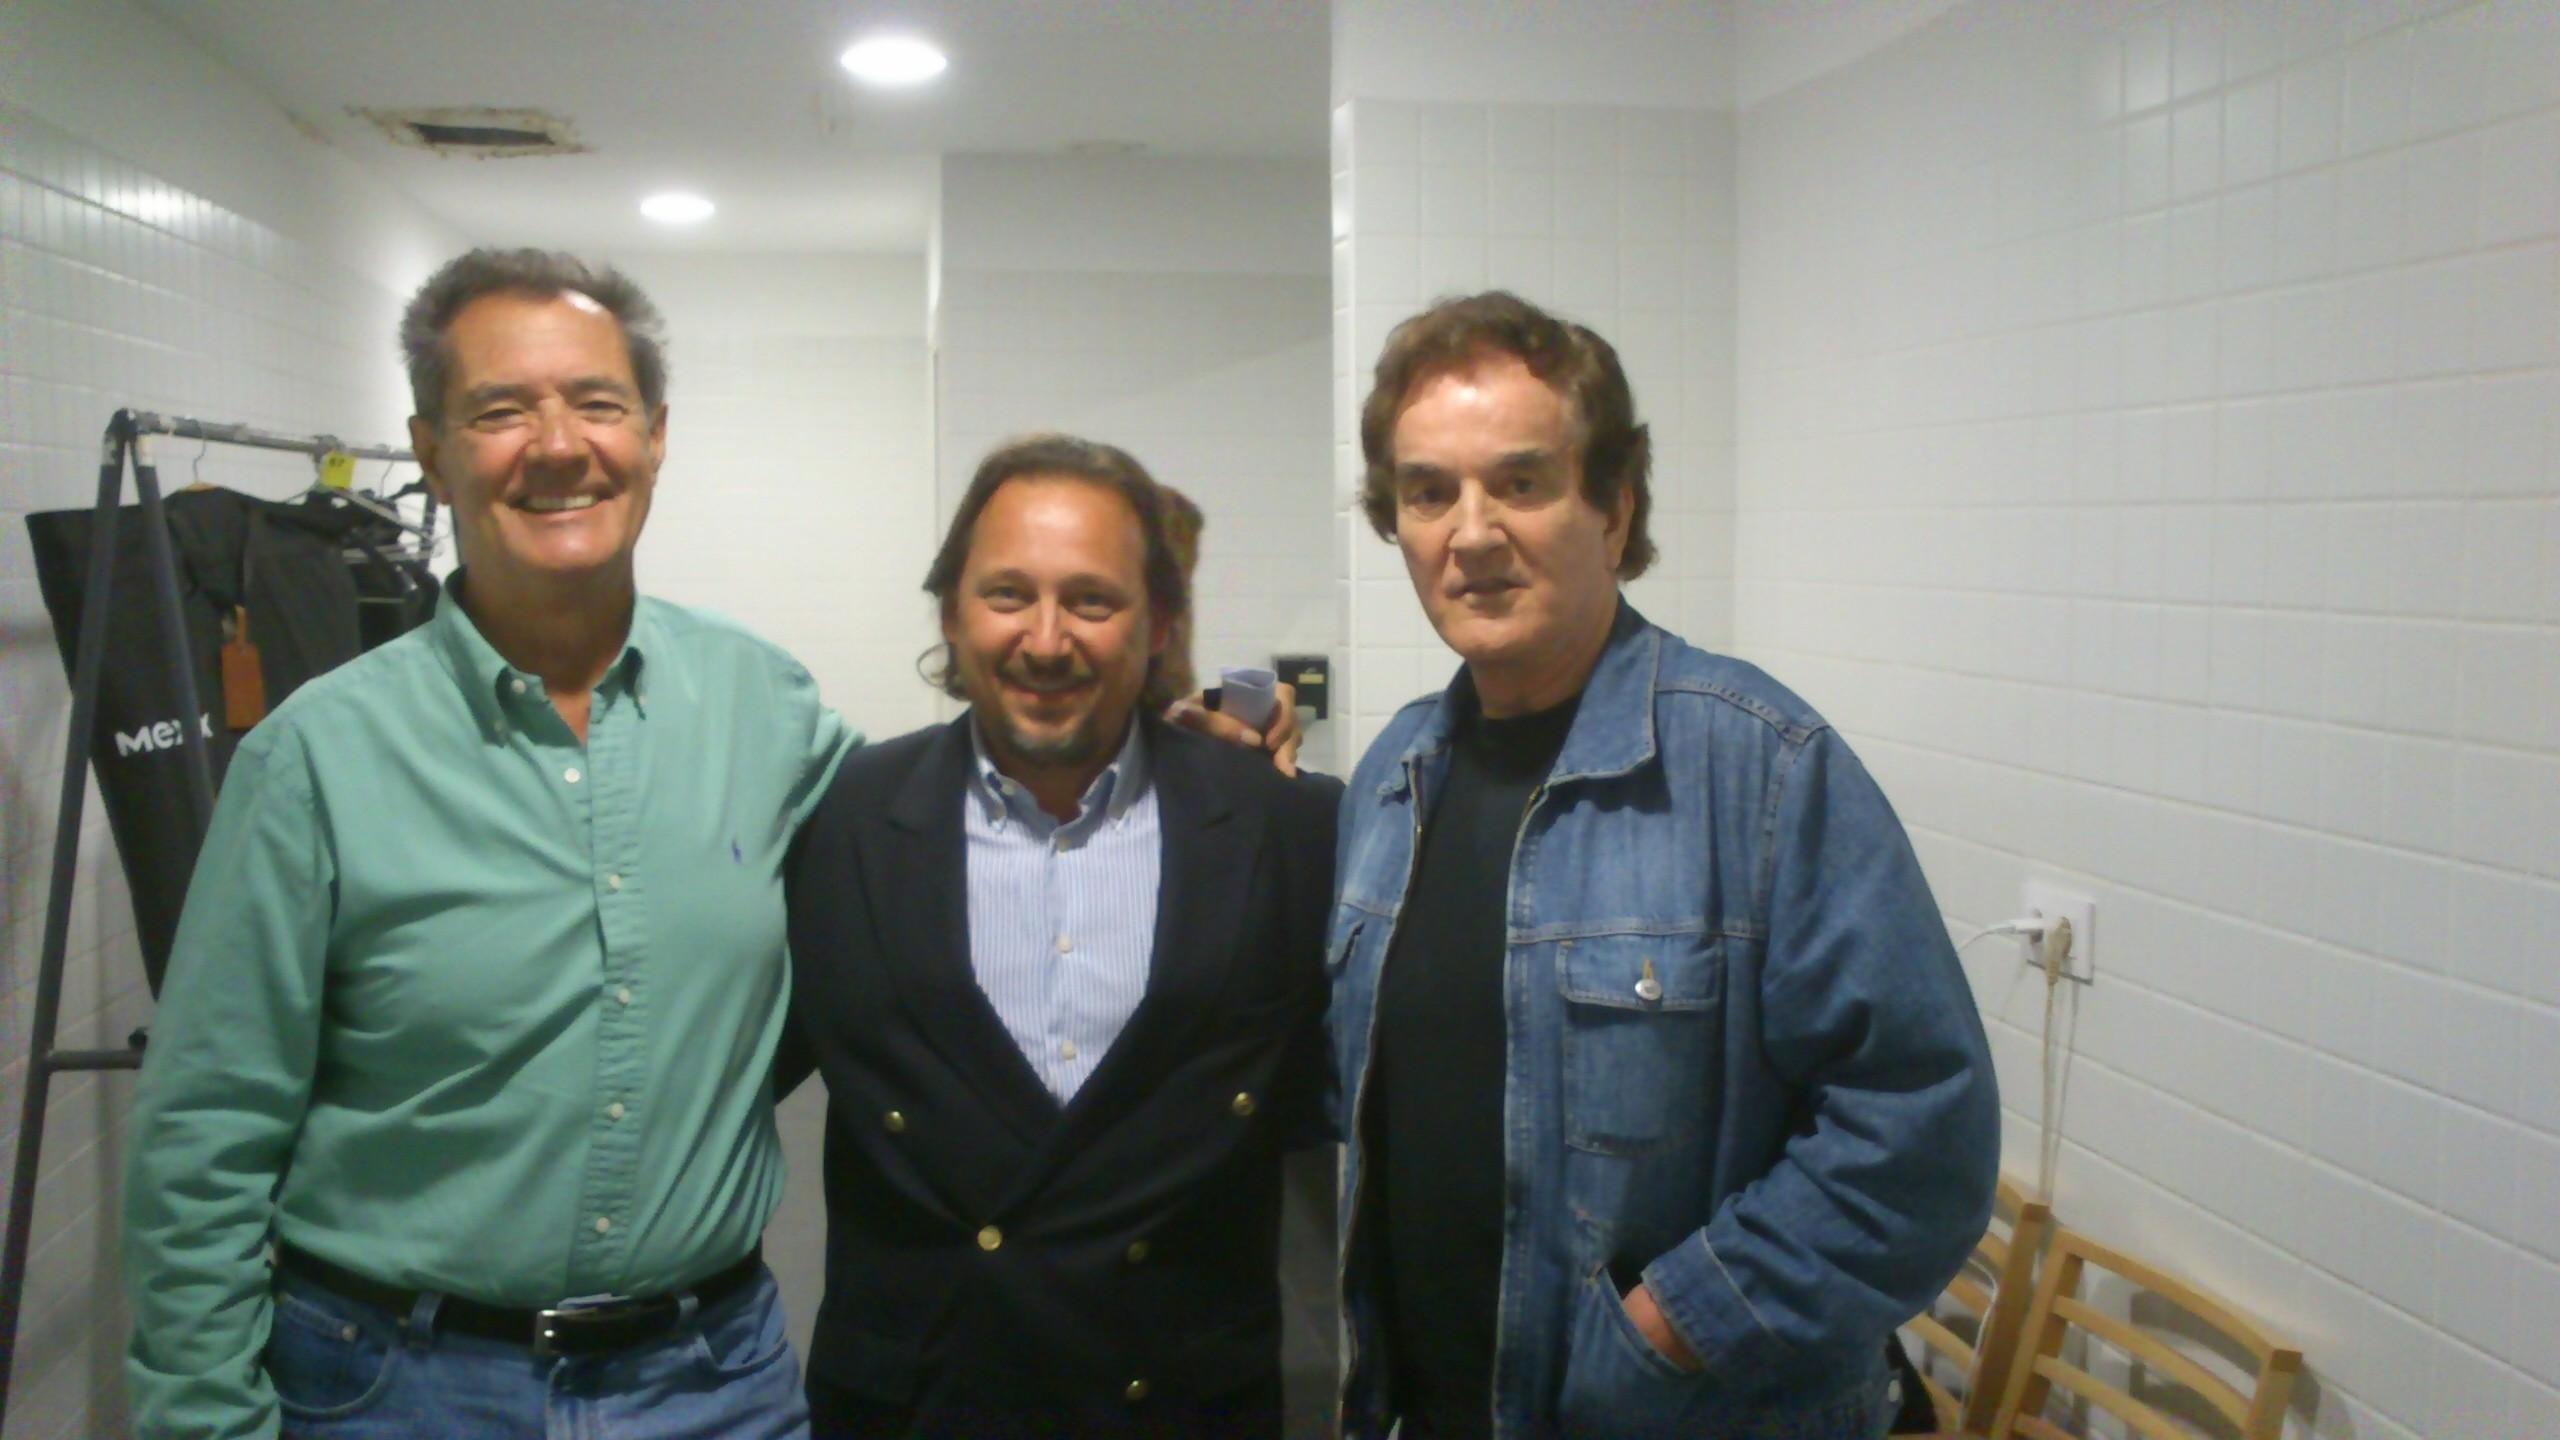 ¿Cuánto mide Manuel de la Calva y Ramón Arcusa? (Dúo Dinámico) - Altura DSC_00541